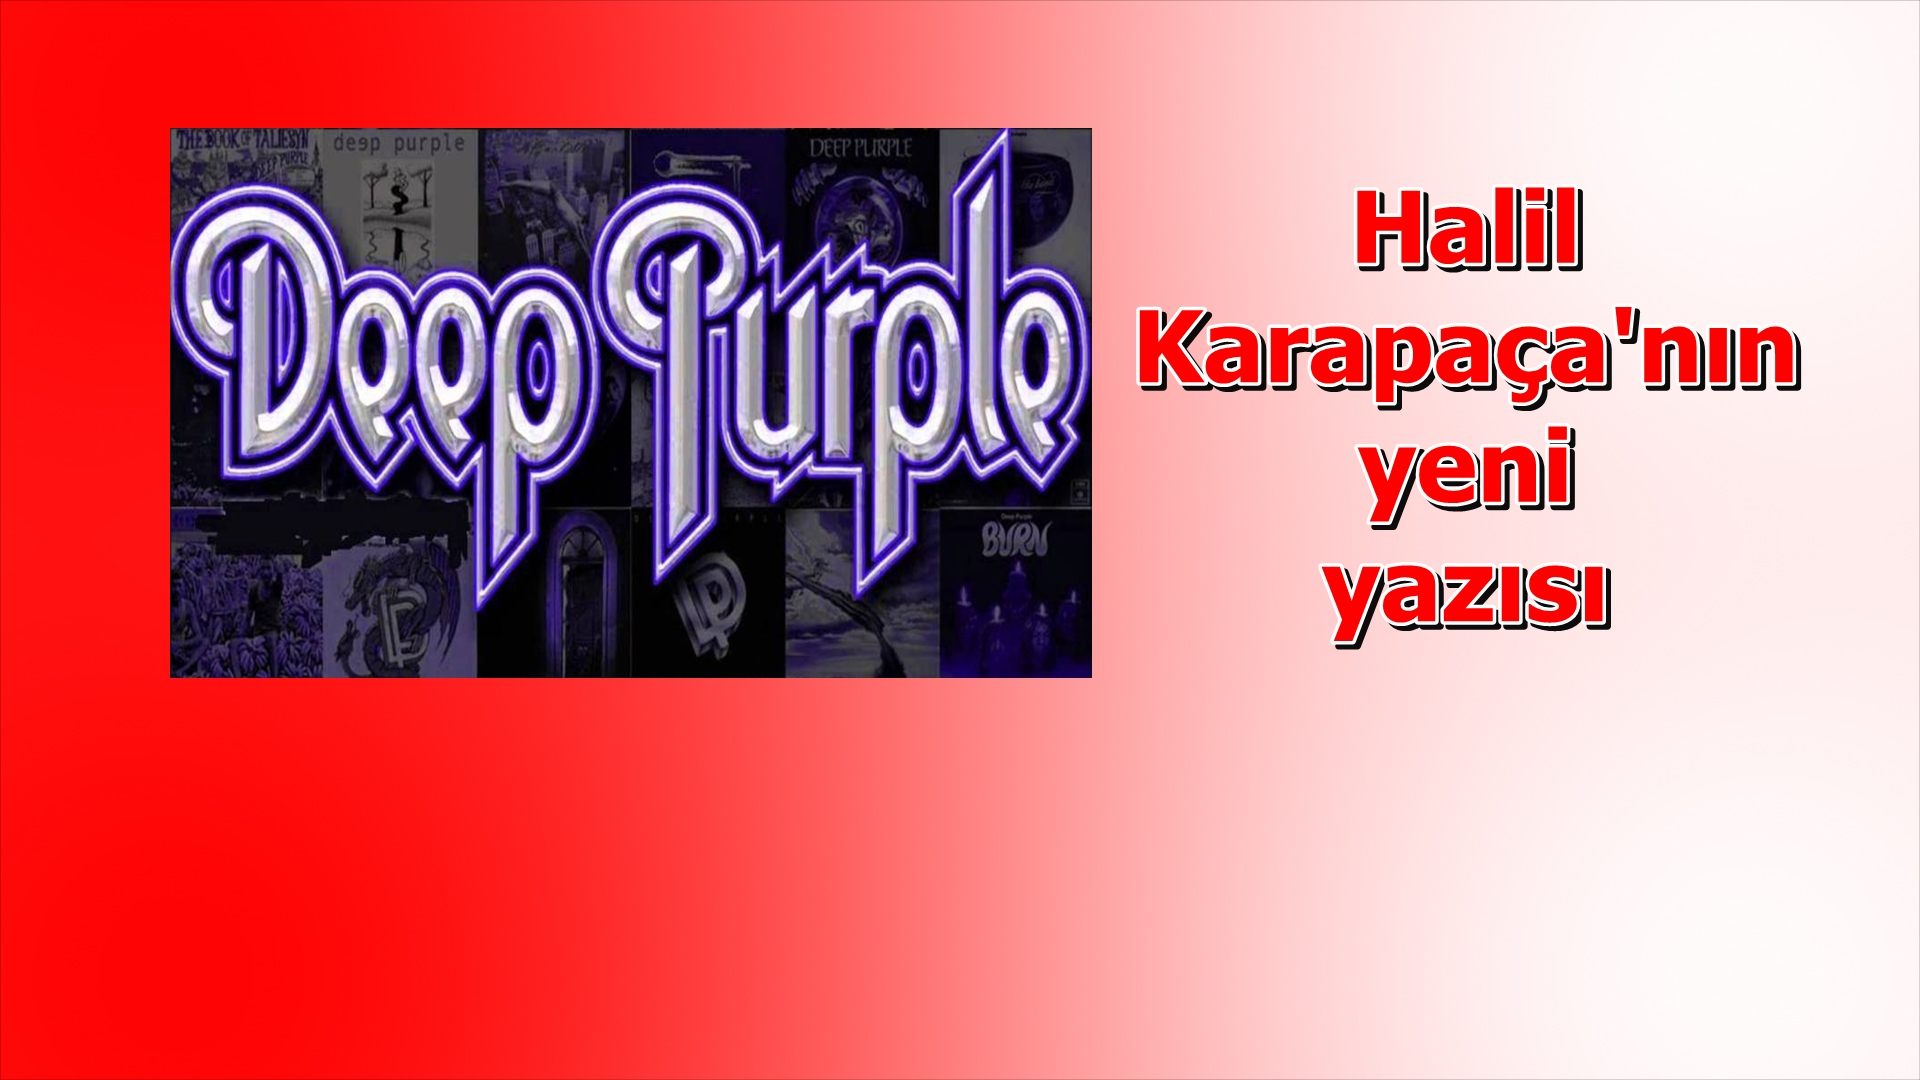 Bir efsane; Deep Purple